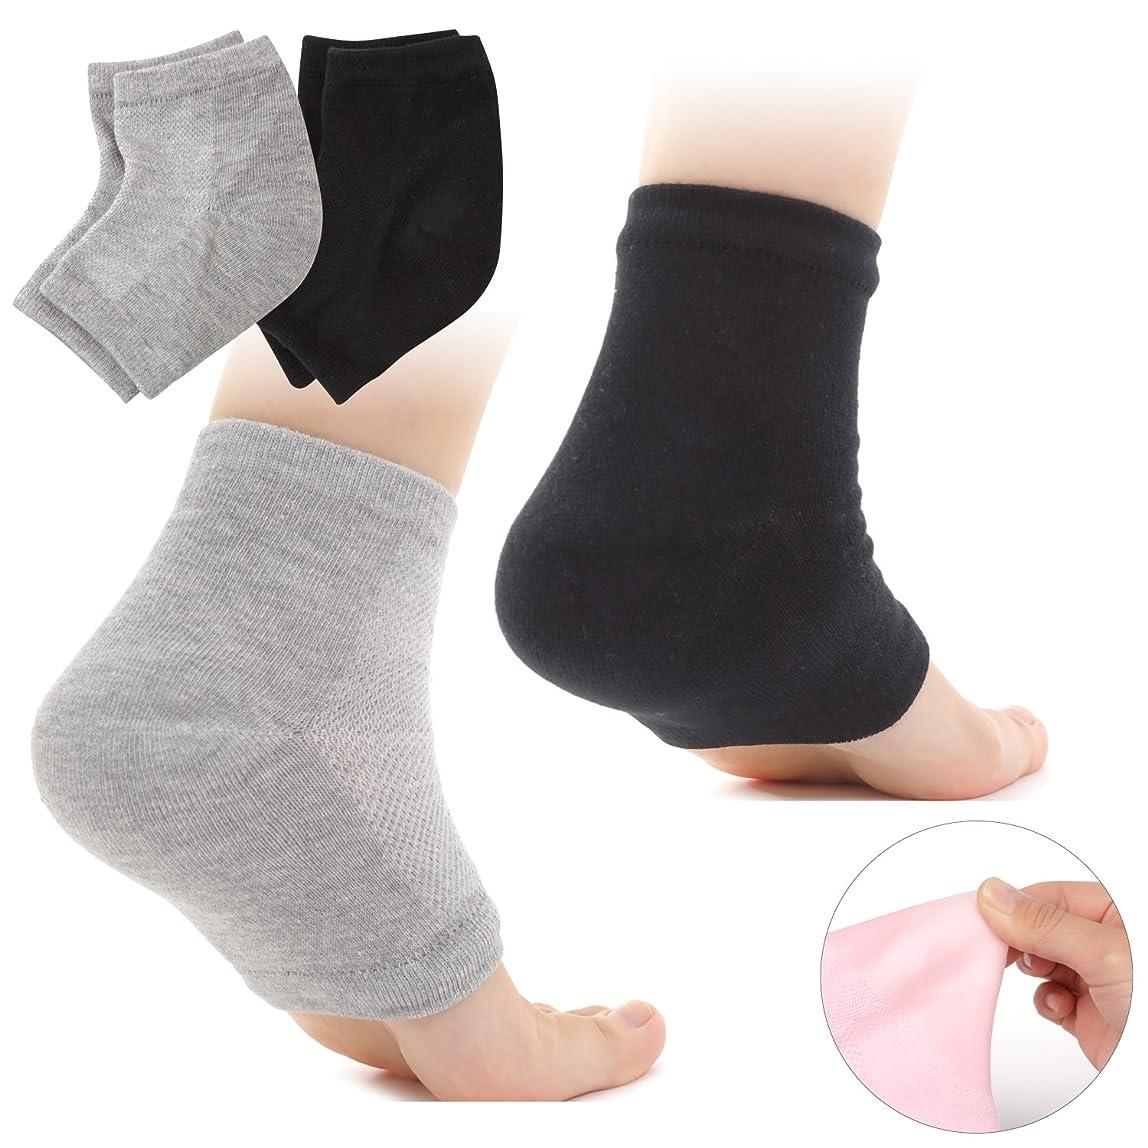 著作権アコー居住者Muiles かかと 靴下 ソックス 角質取り 保湿 ひび割れ かかとケア レディース メンズ 男女兼用【1足~3足】(2足セット グレー、ブラック)